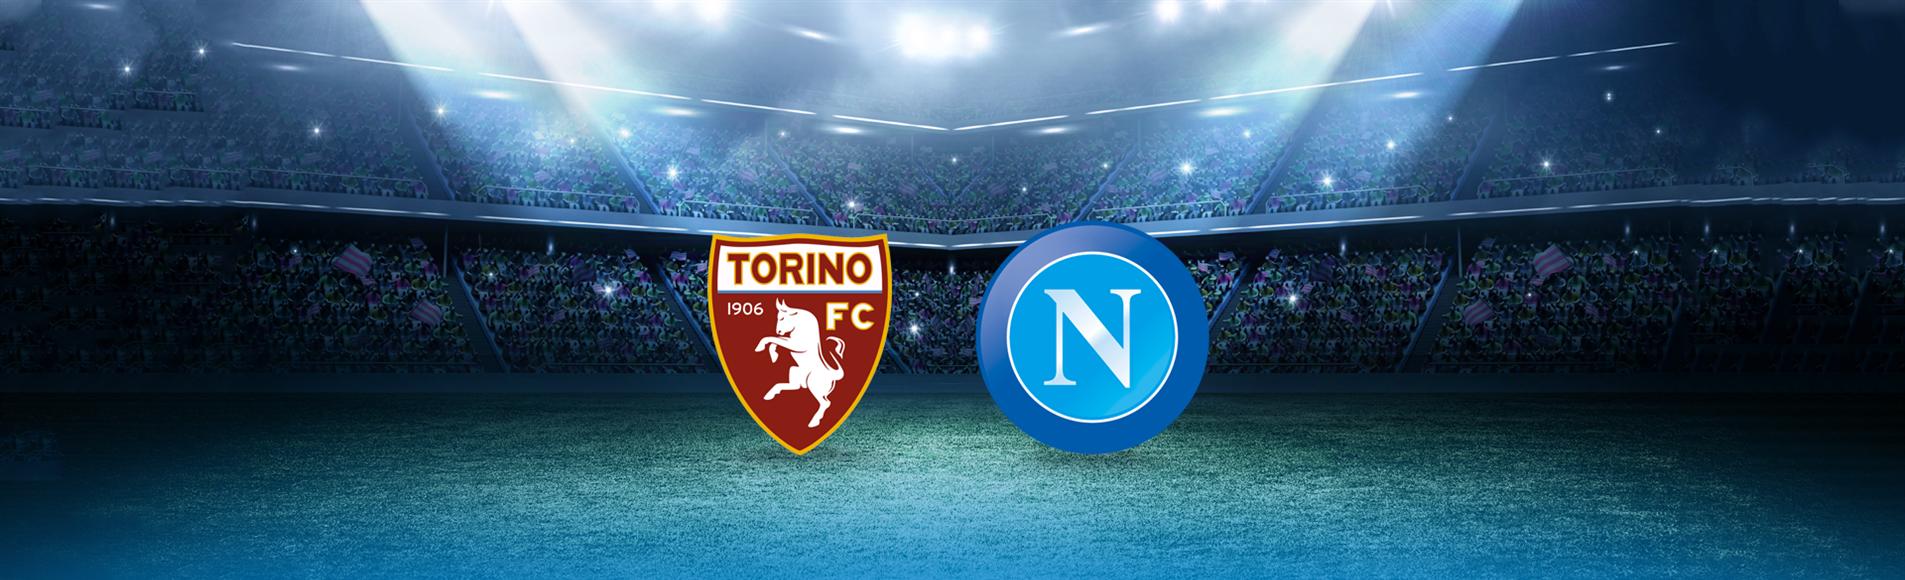 Torino-Napoli: dove vedere la partita in tv e diretta streaming - NAPOLI CALCIO